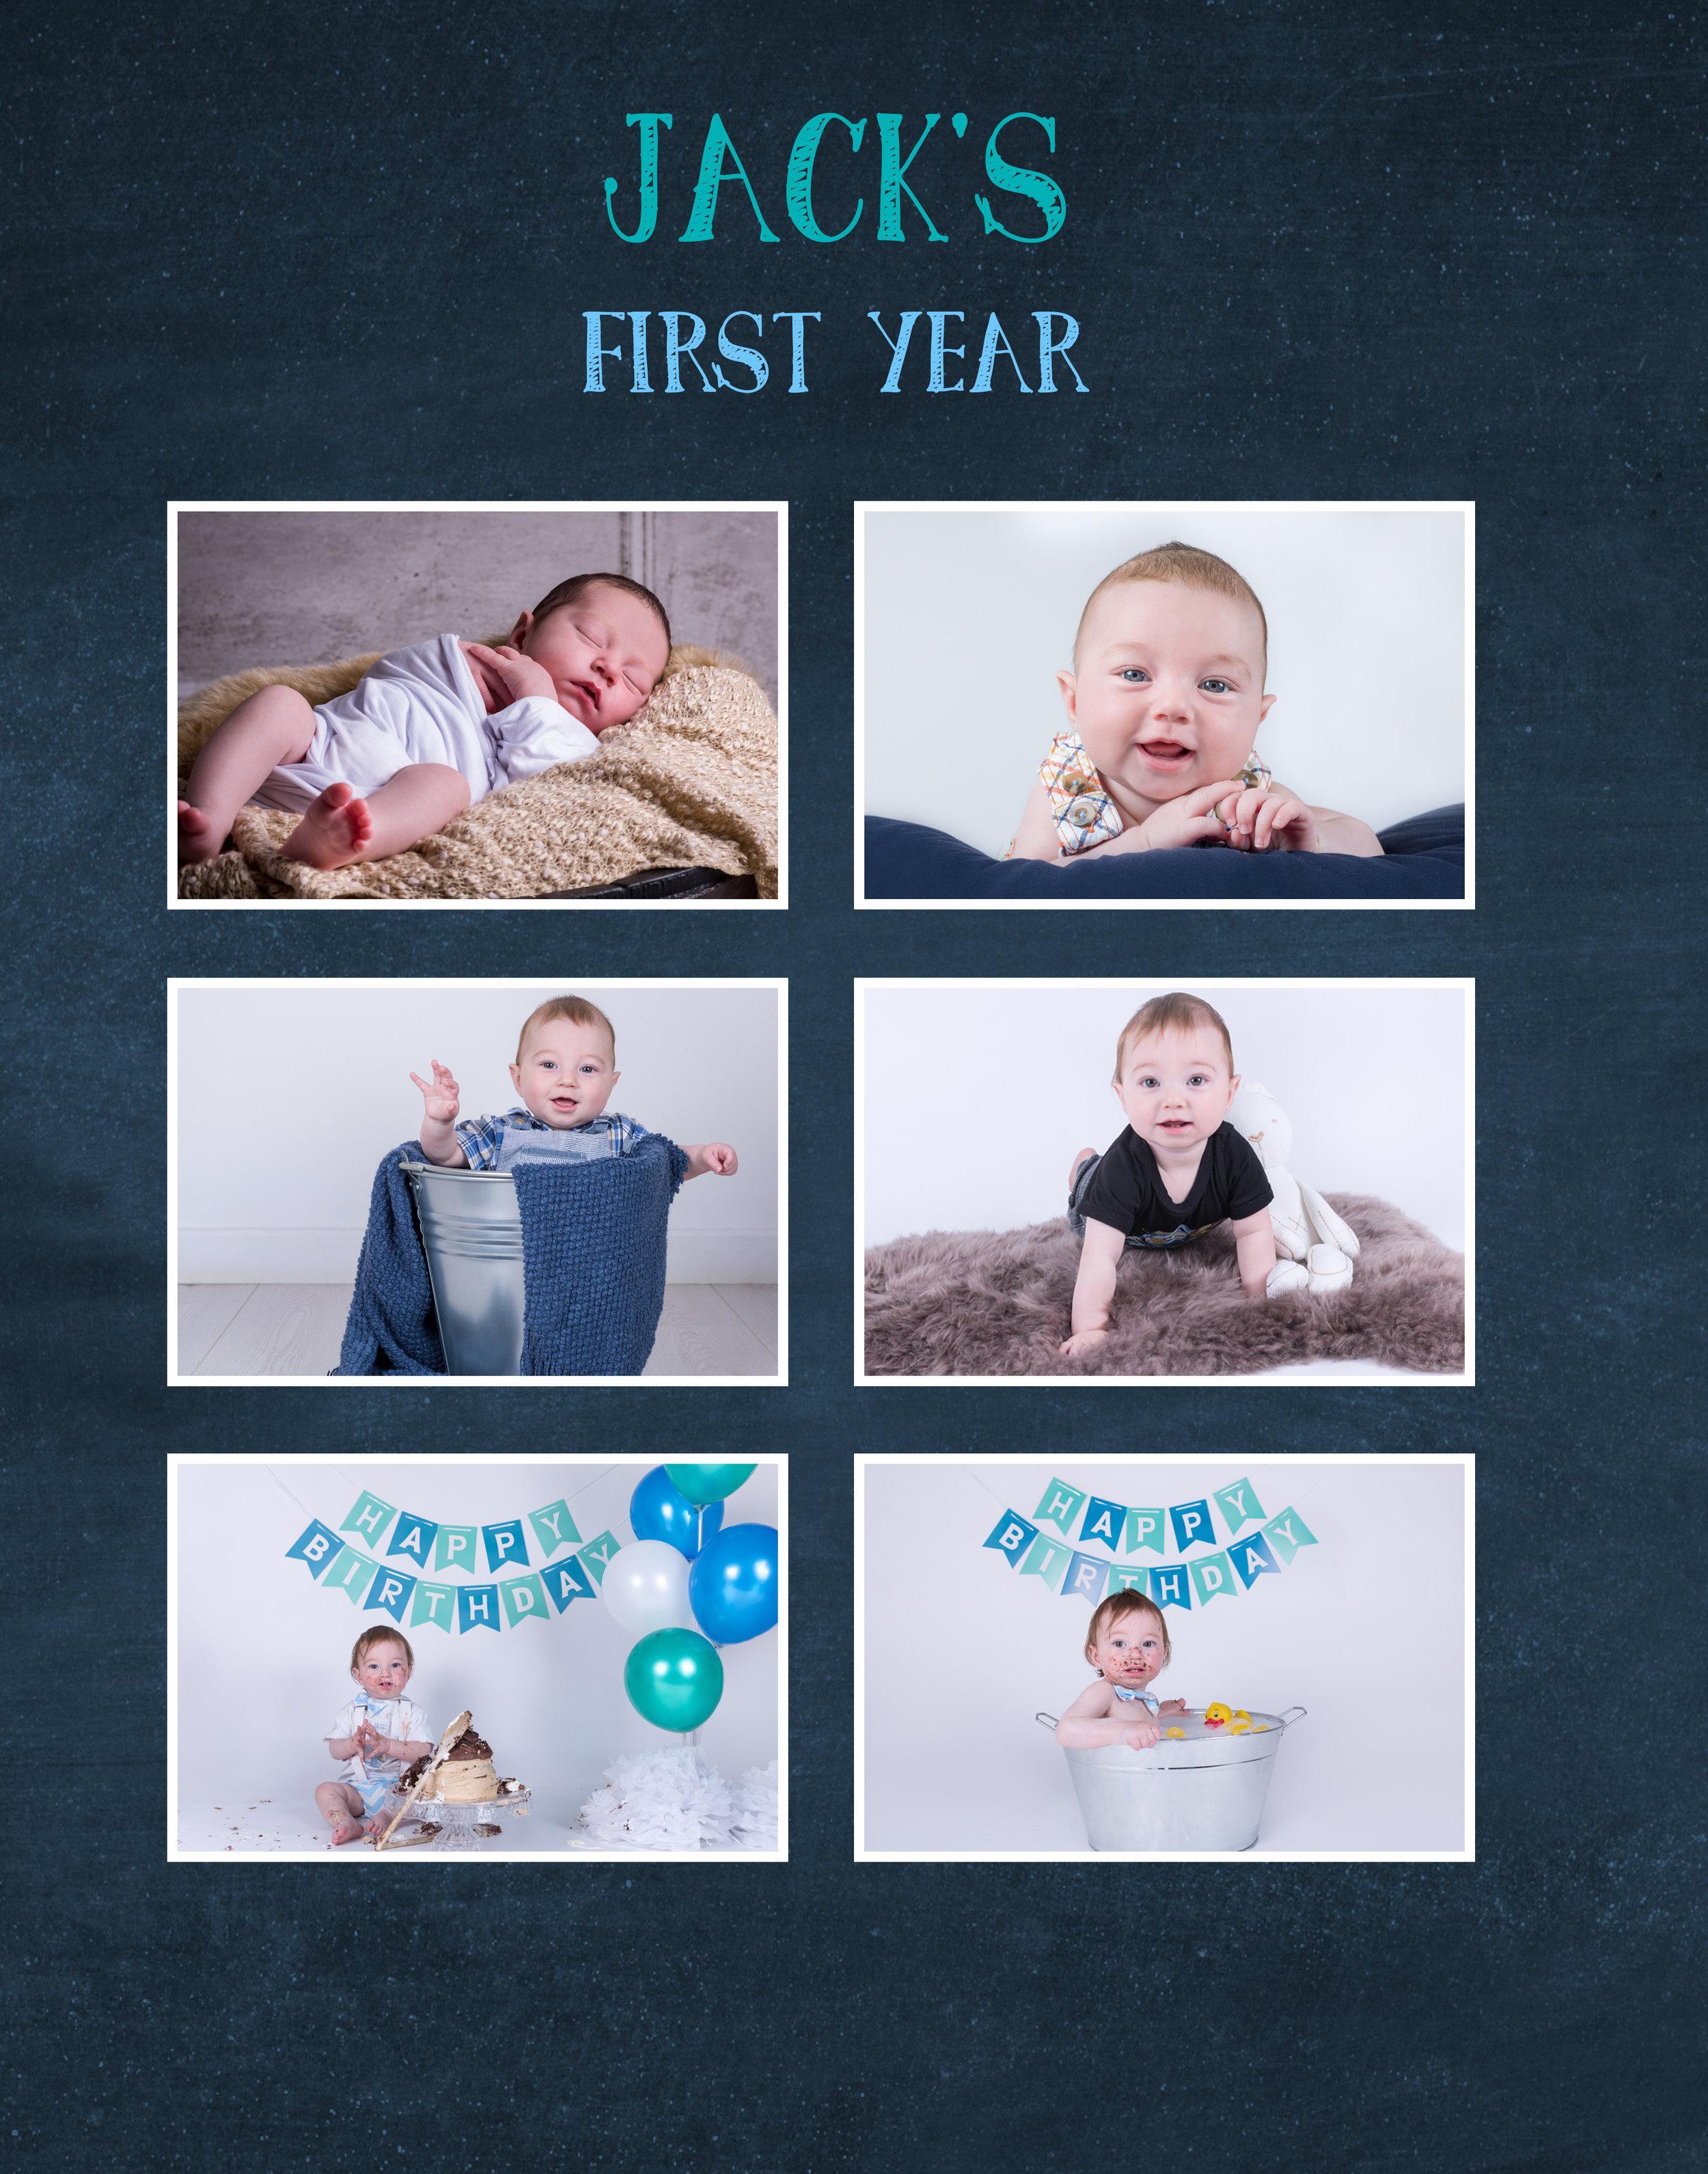 Baby Jack (12 months) Cake Smash-34.jpg